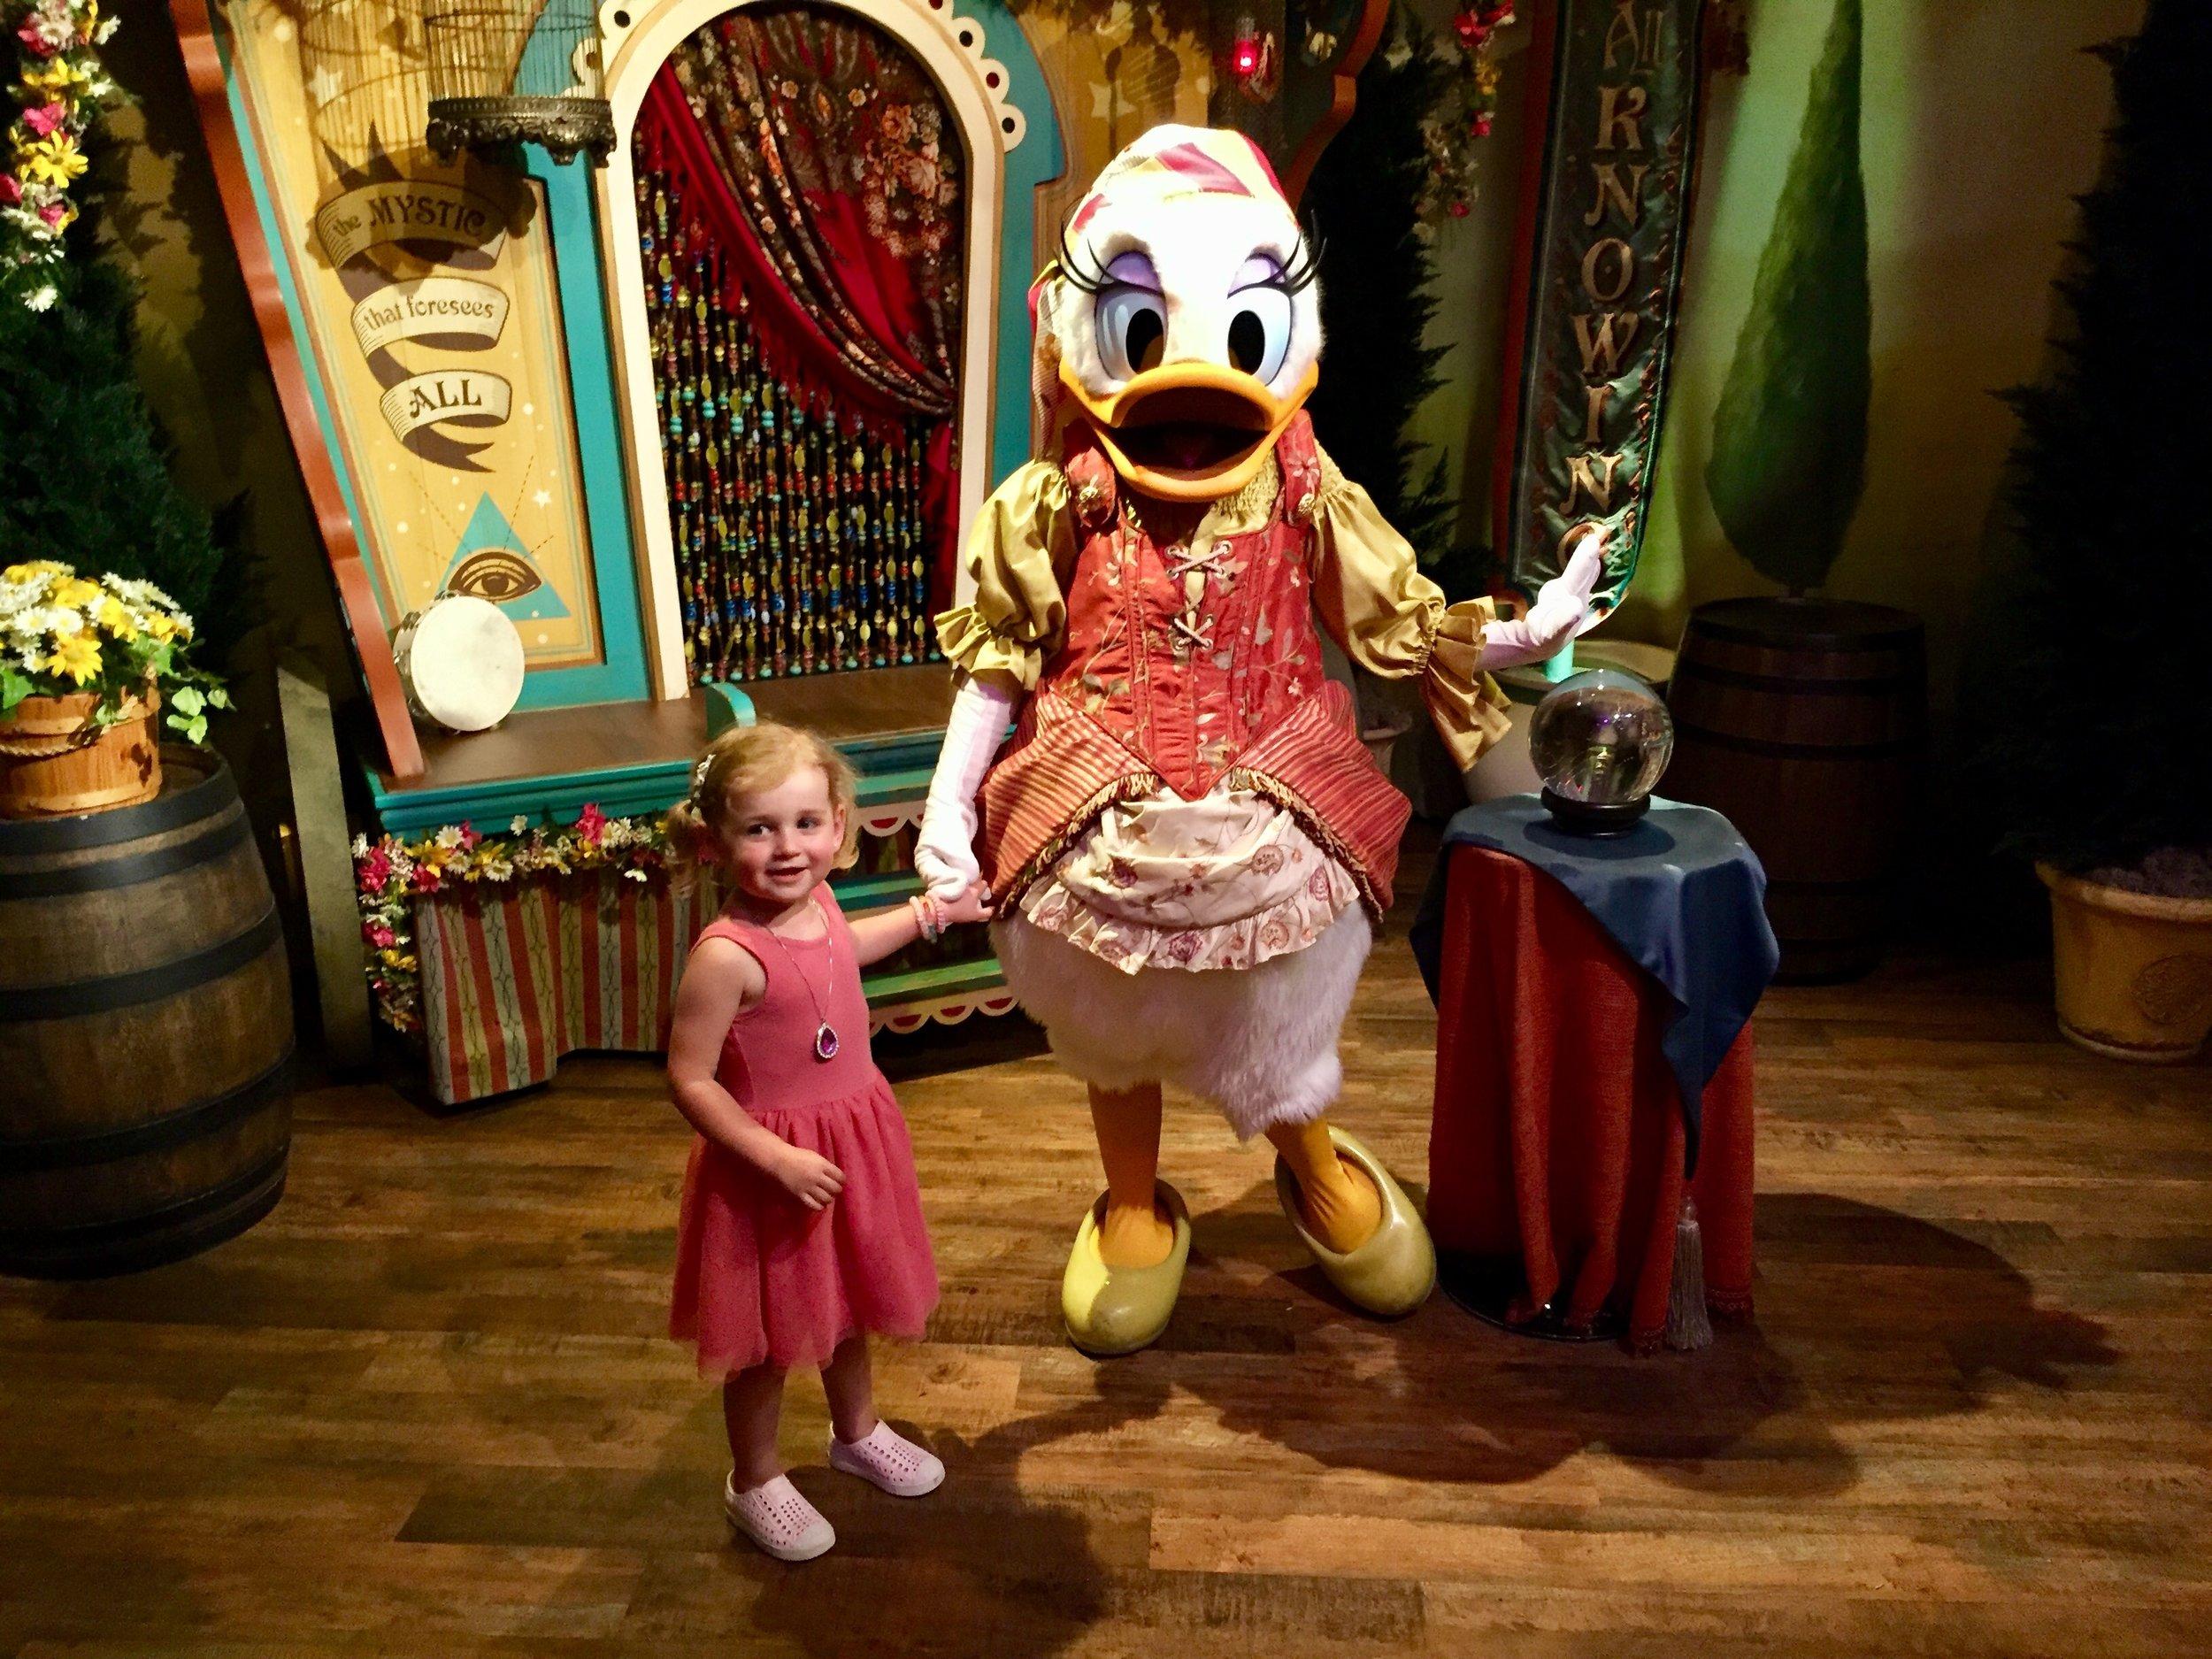 Disney Character daisy.jpg